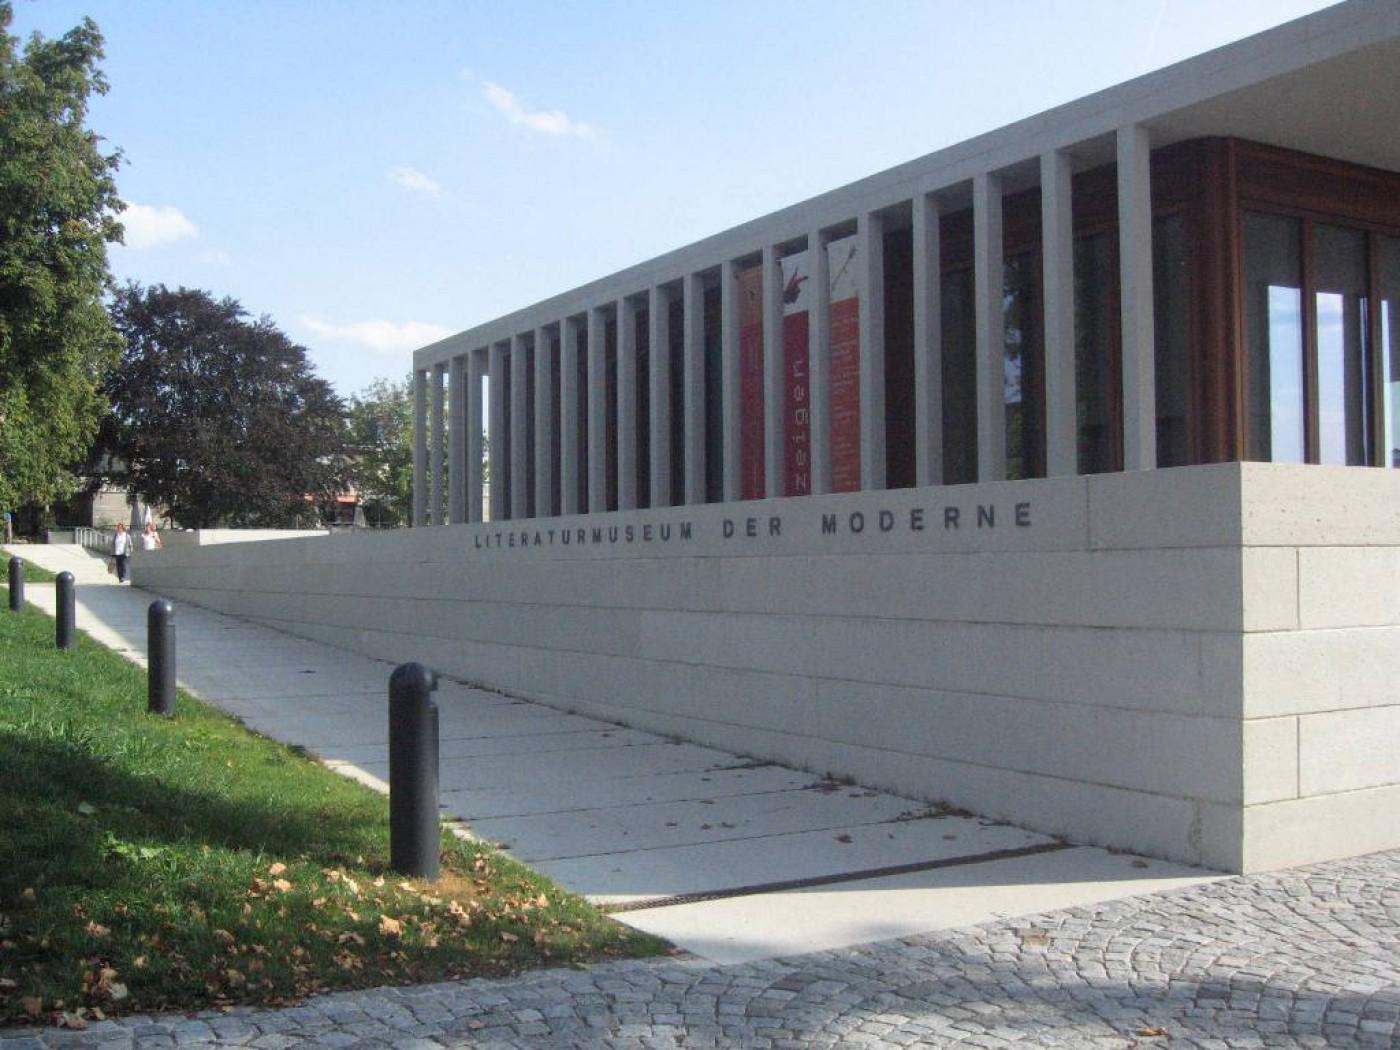 Literaturmuseum der Moderne_img_01